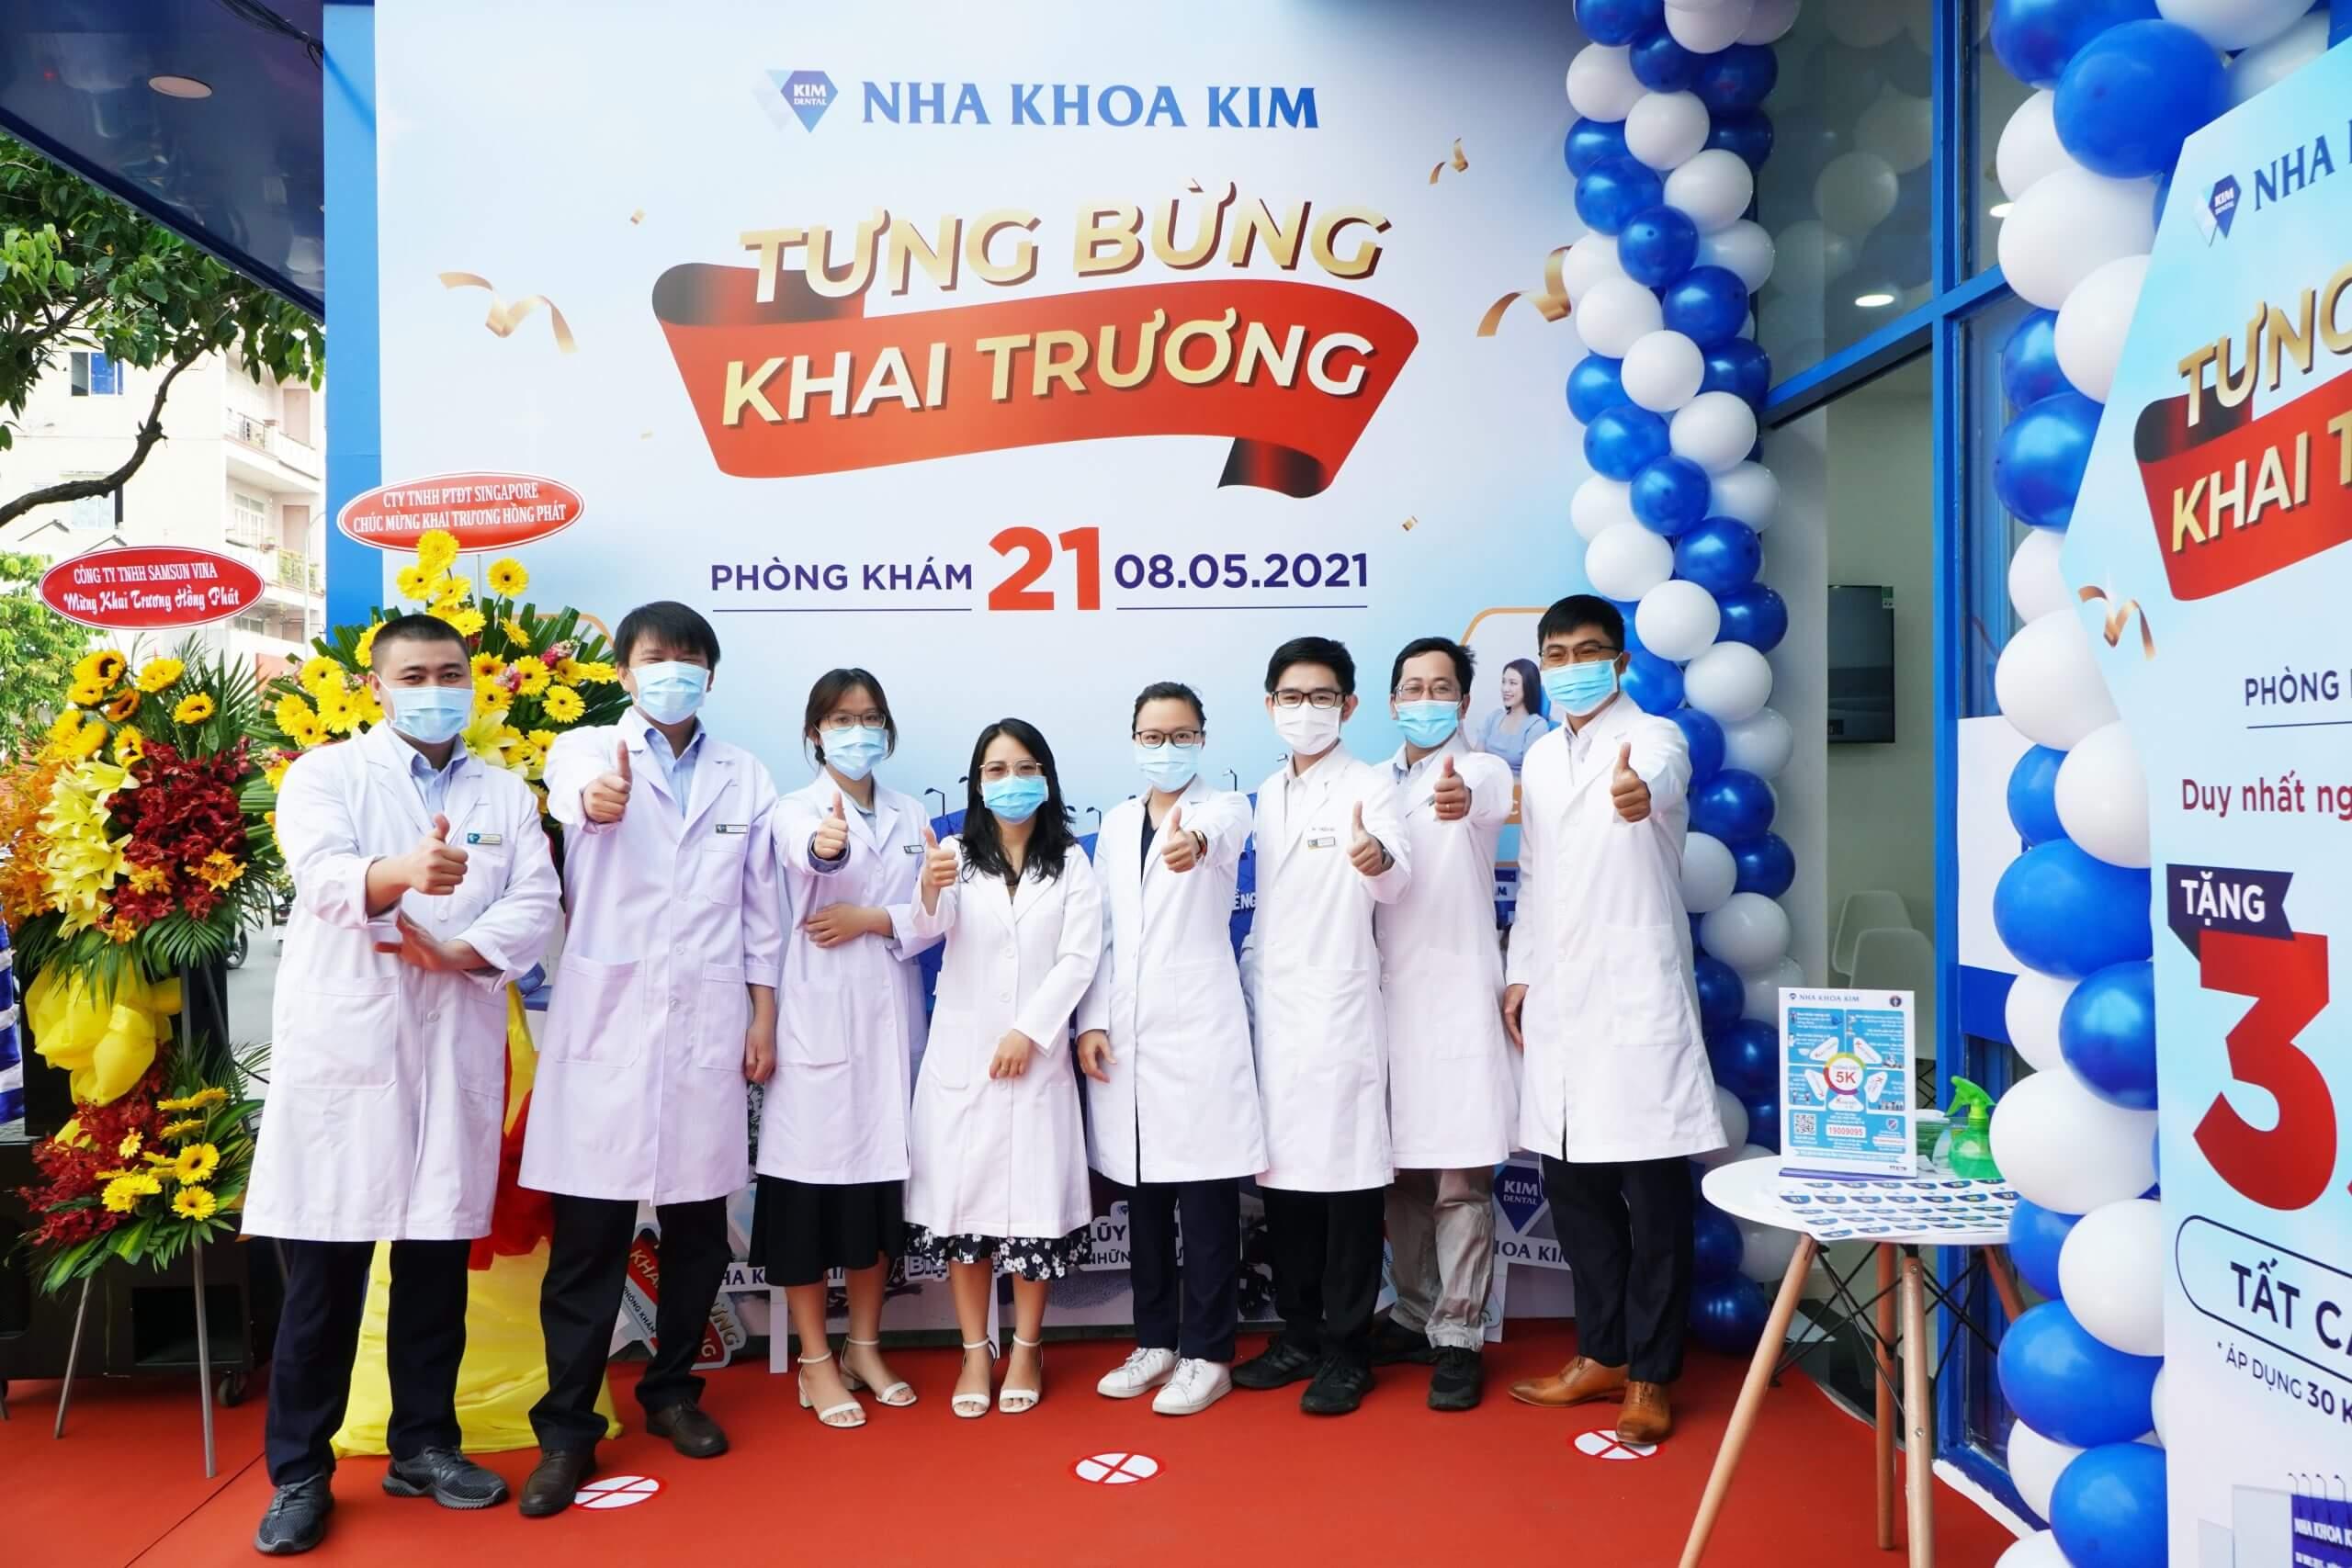 phòng khám quận Tân Phú của Nha Khoa Kim